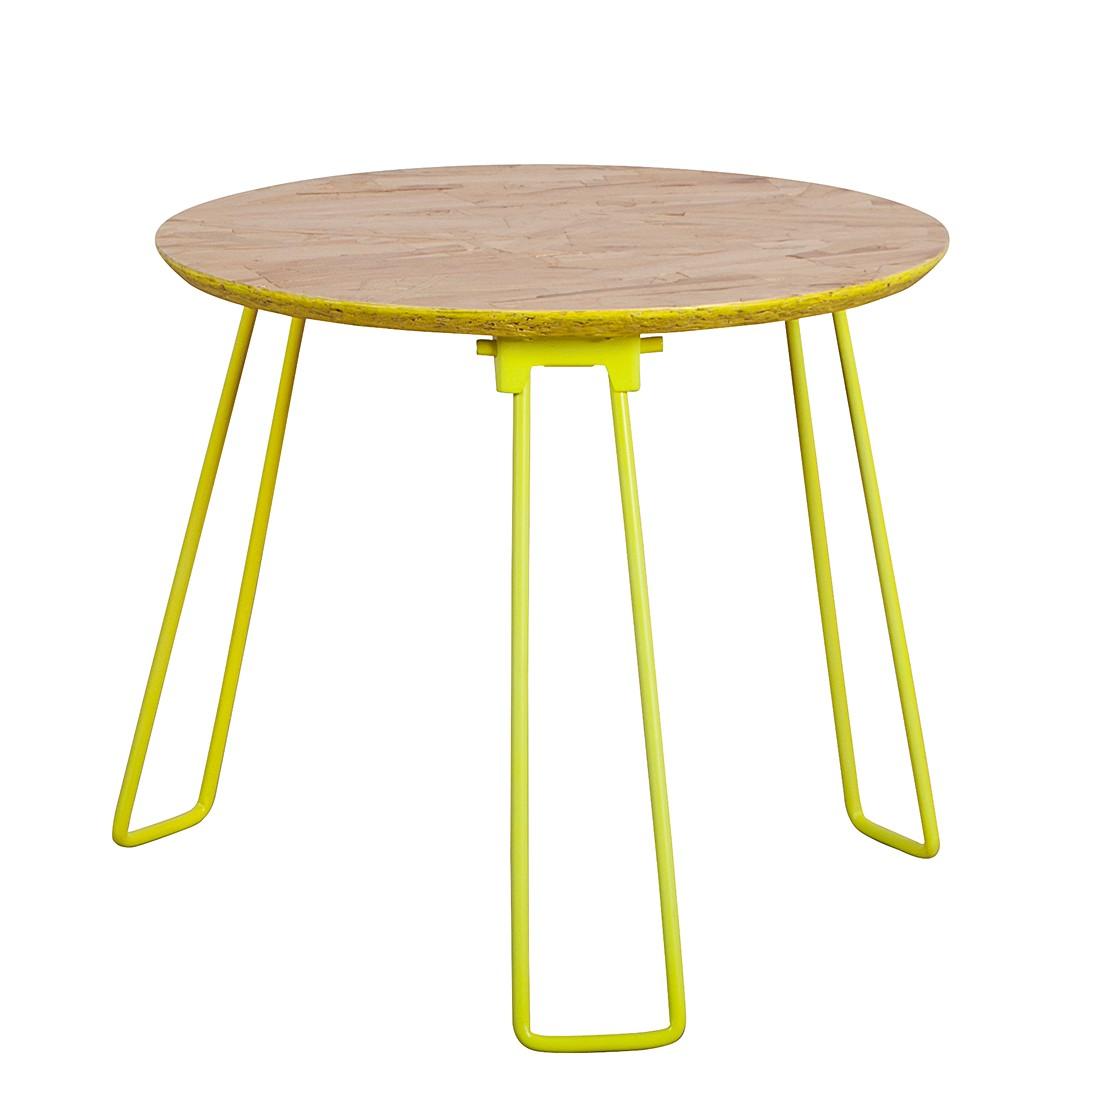 Tavolino Osb M - Giallo fluo, Zuiver